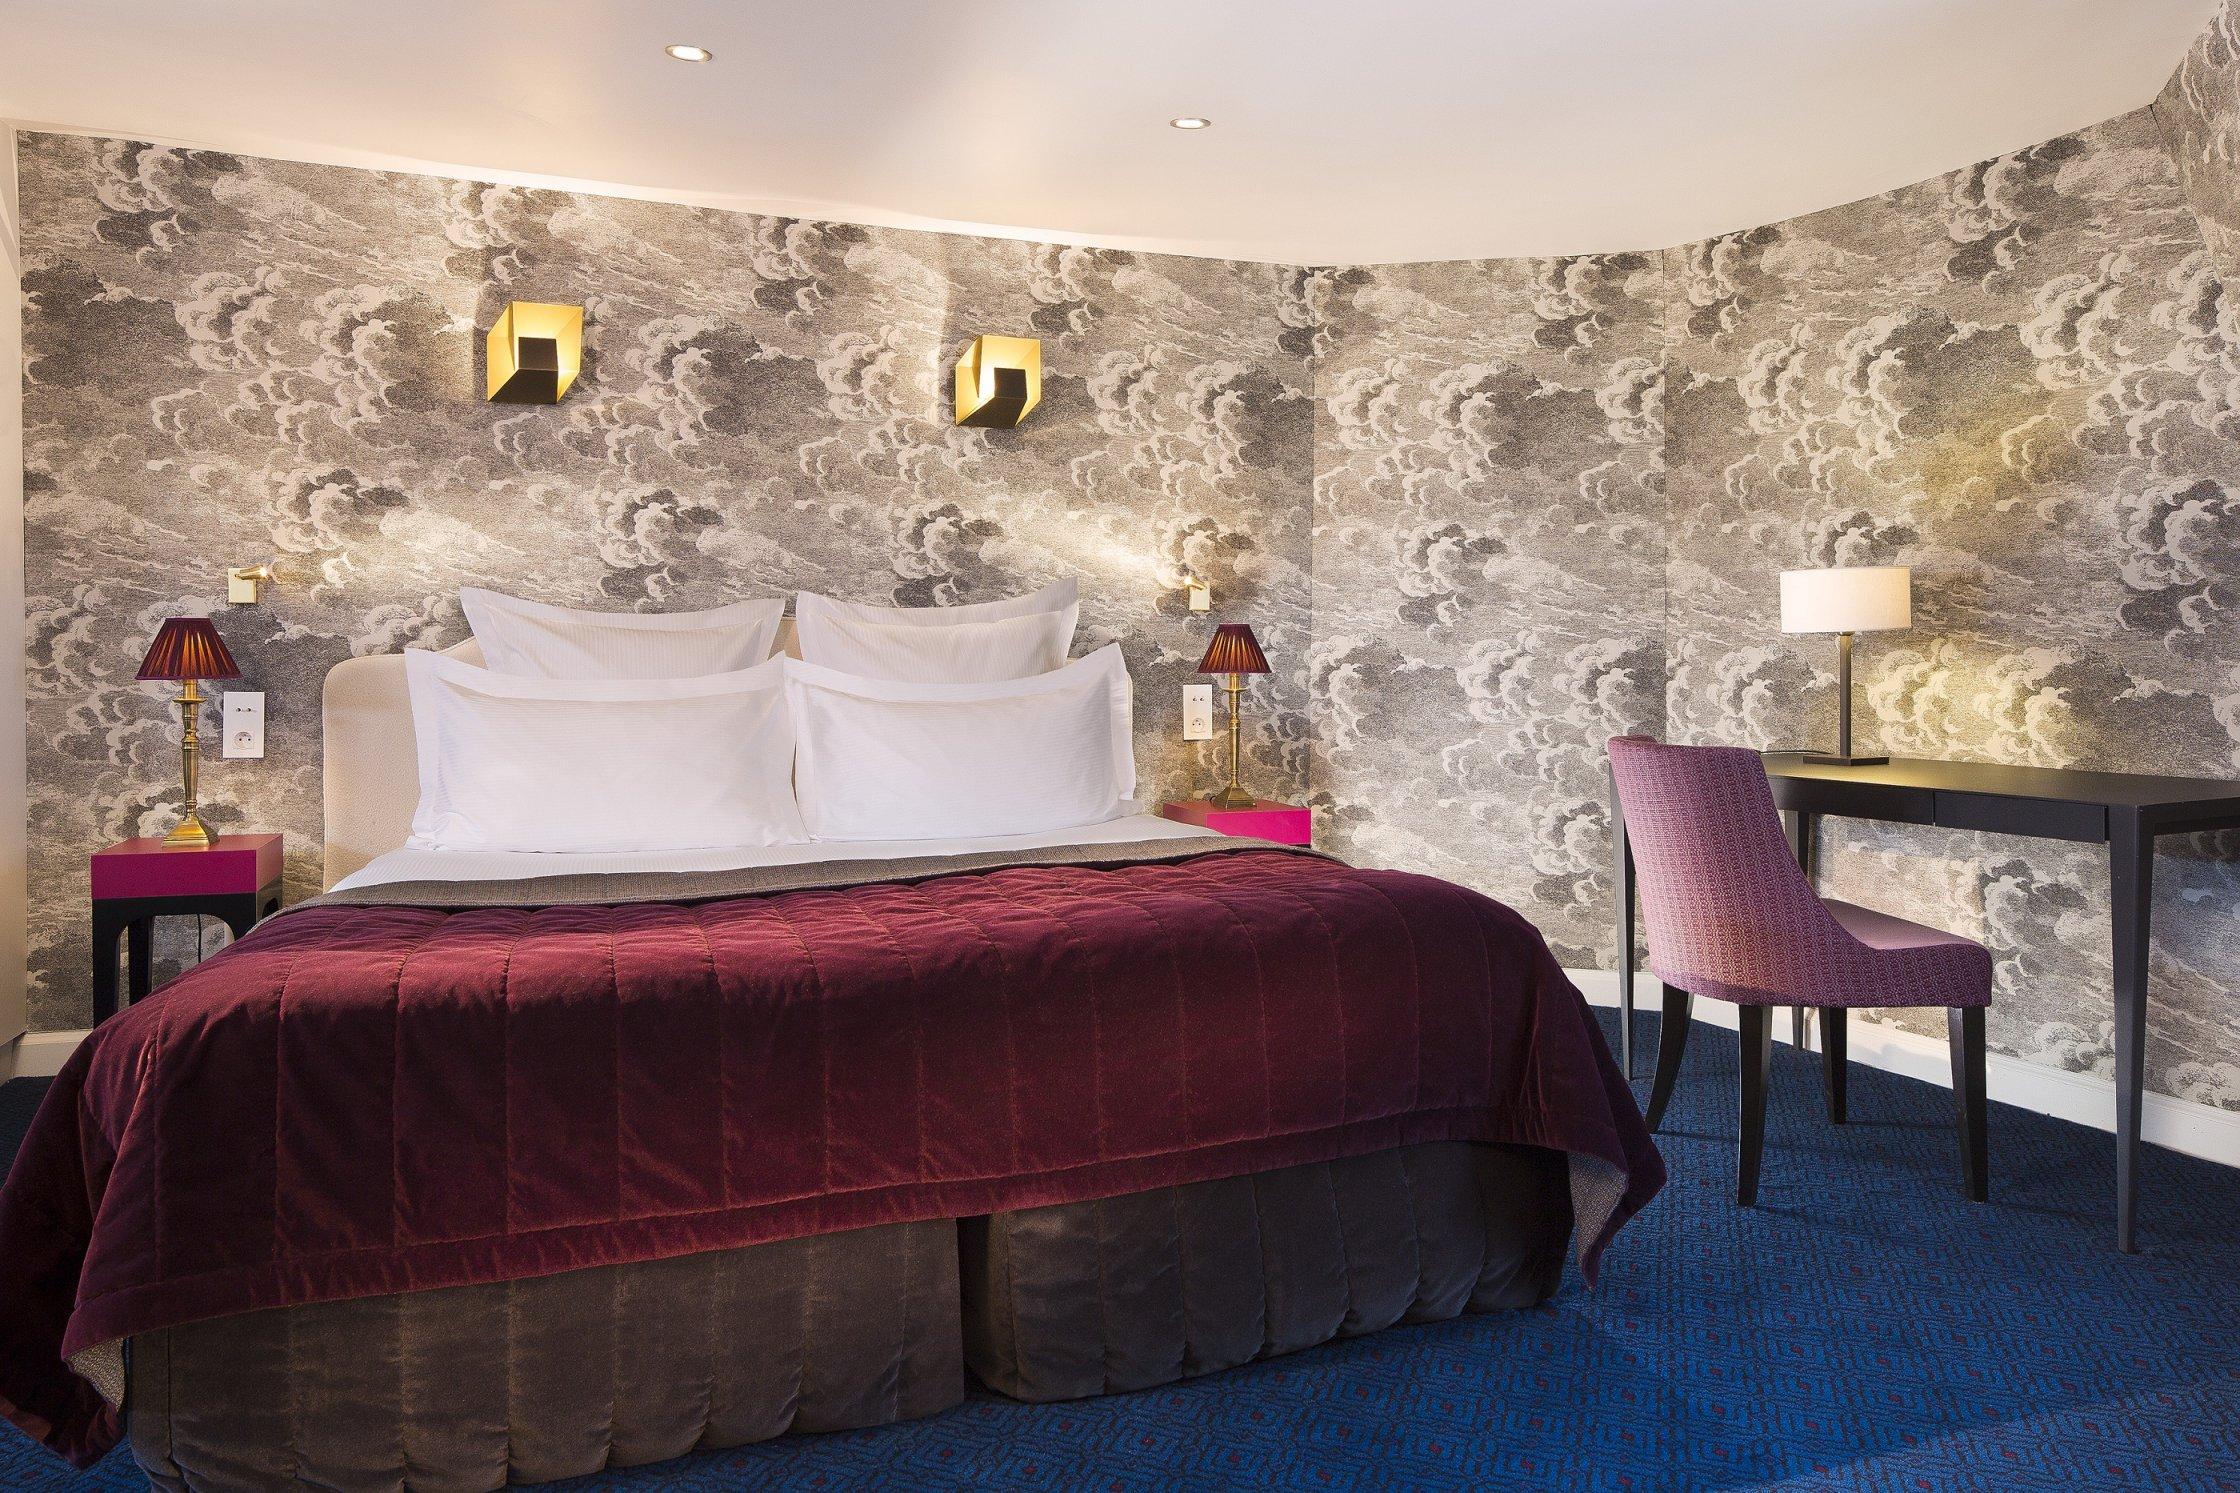 Les chambres h tel bourgogne montana - Chambre d hote paris 7eme arrondissement ...